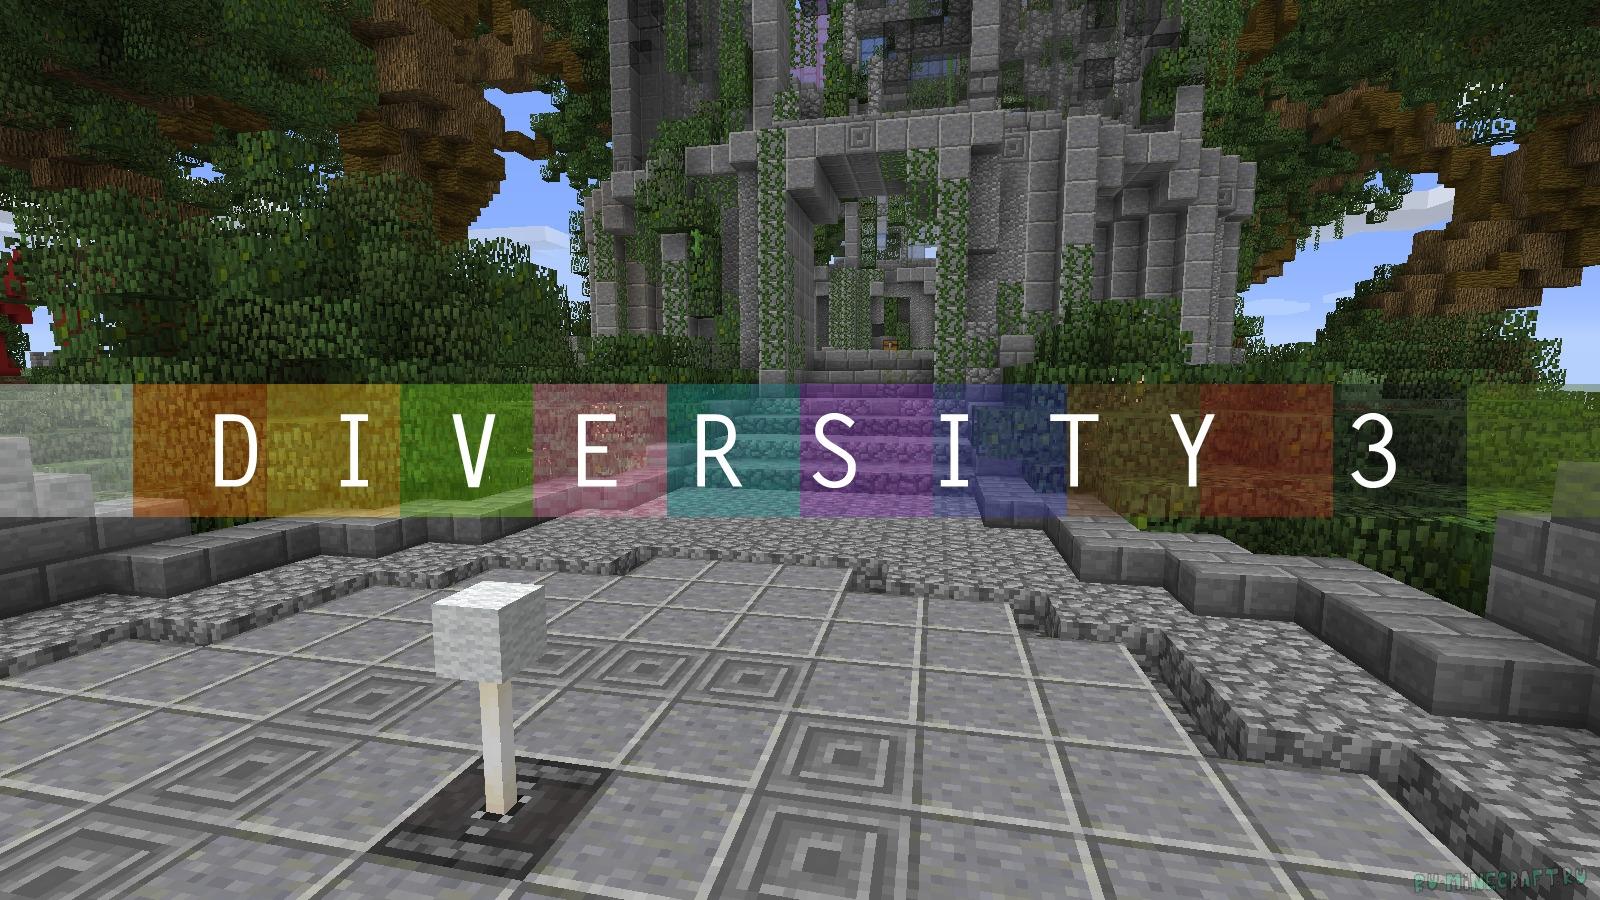 2 diversity играть карта майнкрафт